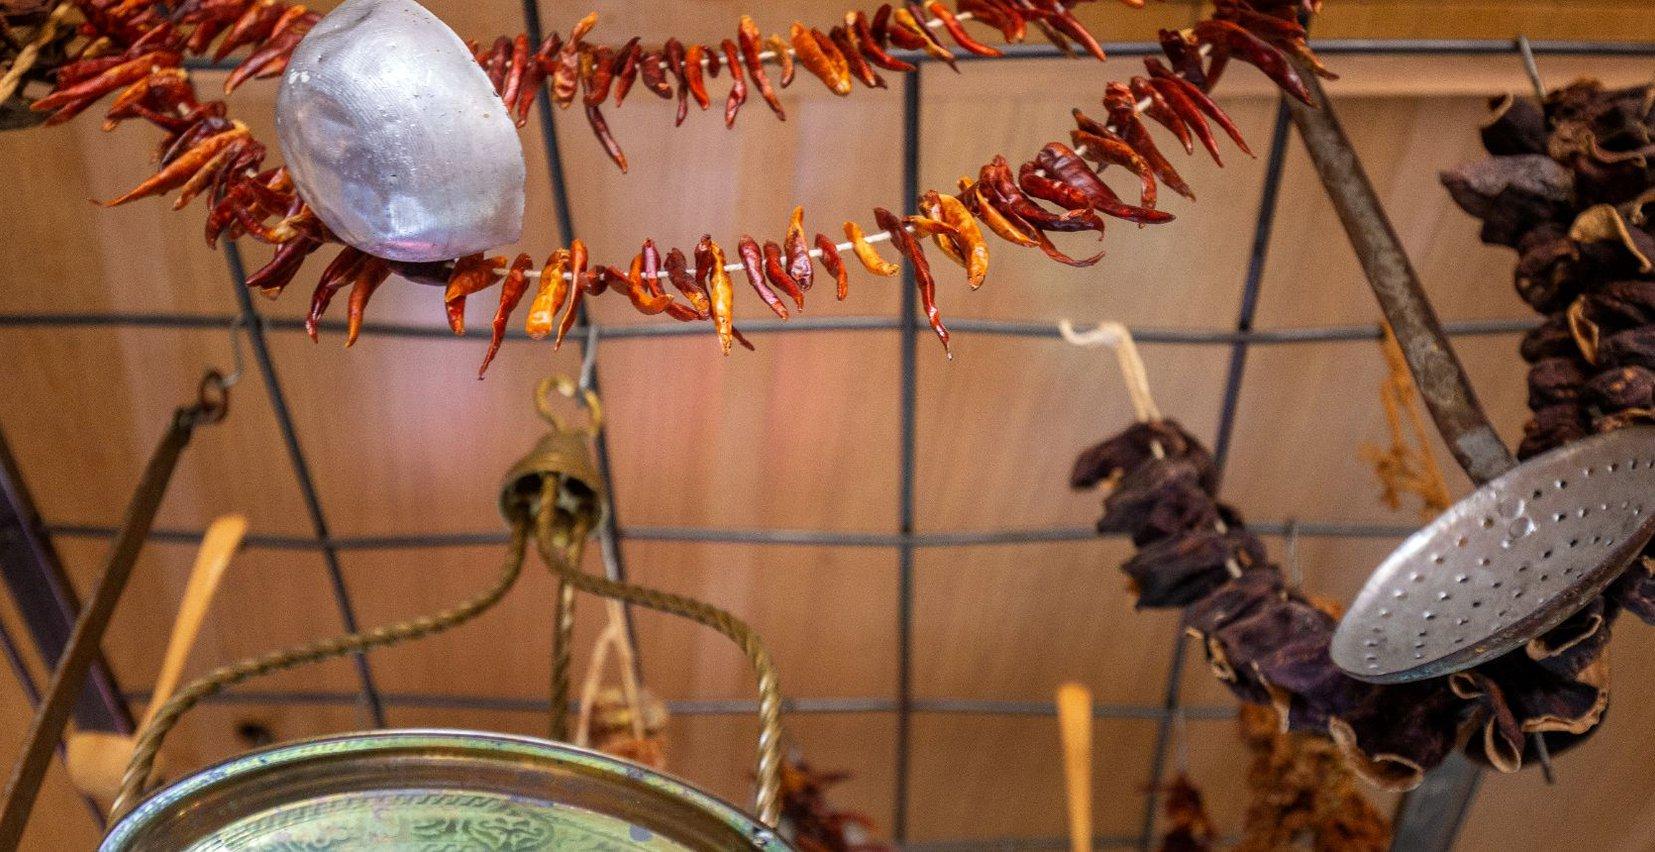 Αποξηραμένες καυτερές πιπεριές και άλλα μπαχαρικά από το Mala Villa